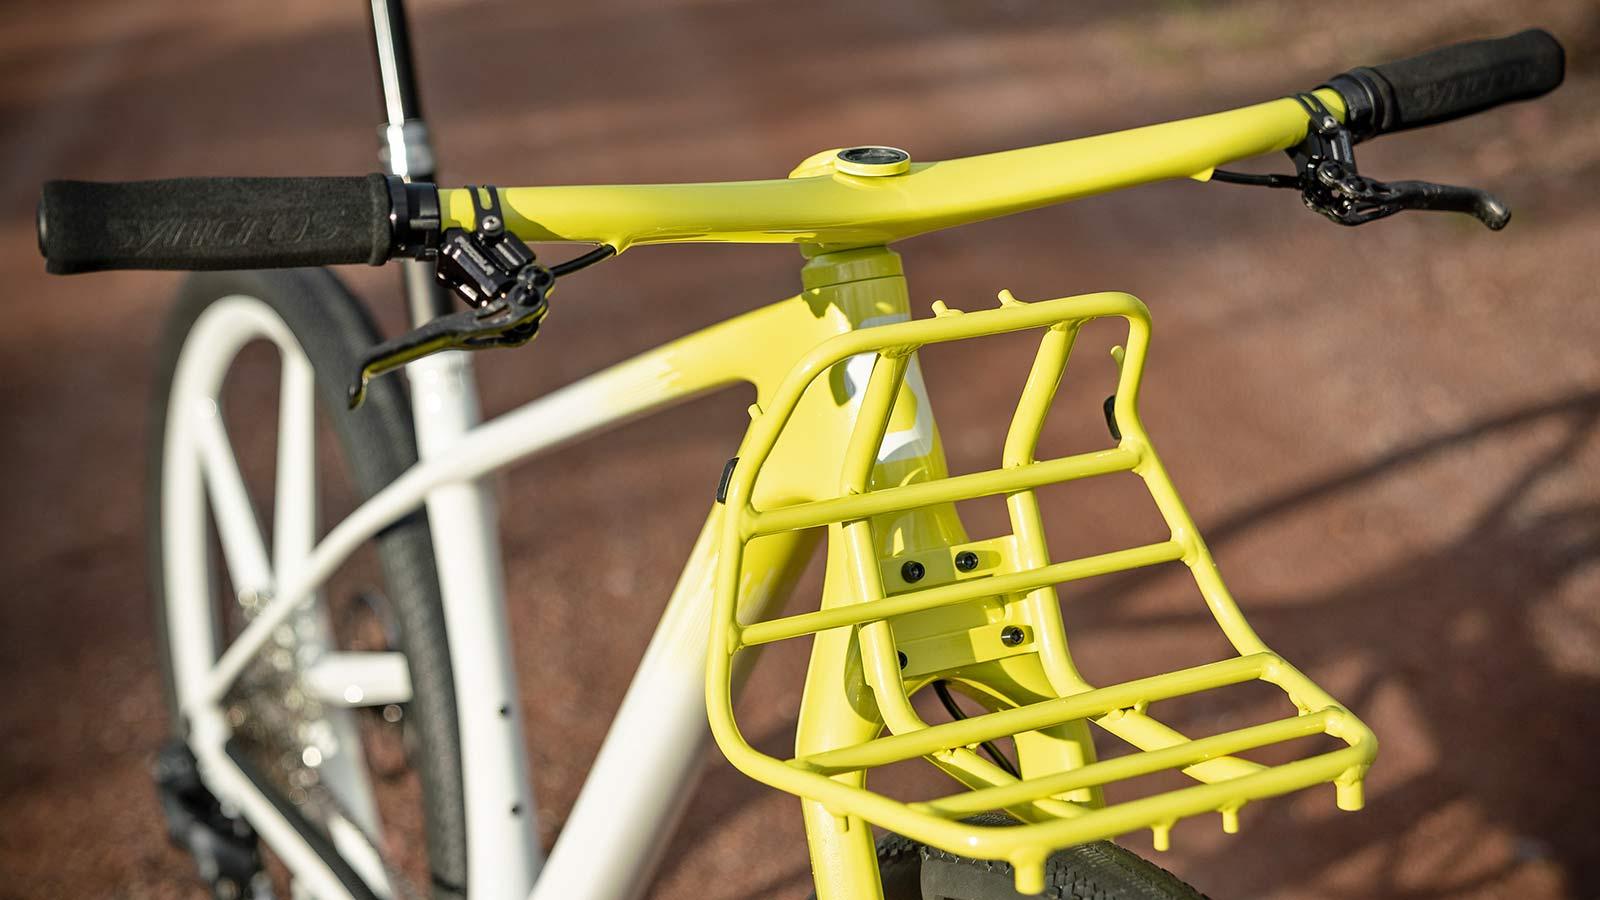 Dangerholm mellow yellow Scott Scale Gravel custom project bike, Gustav Gullholm dream bike builder, photo by Andreas Timfalt,front rack